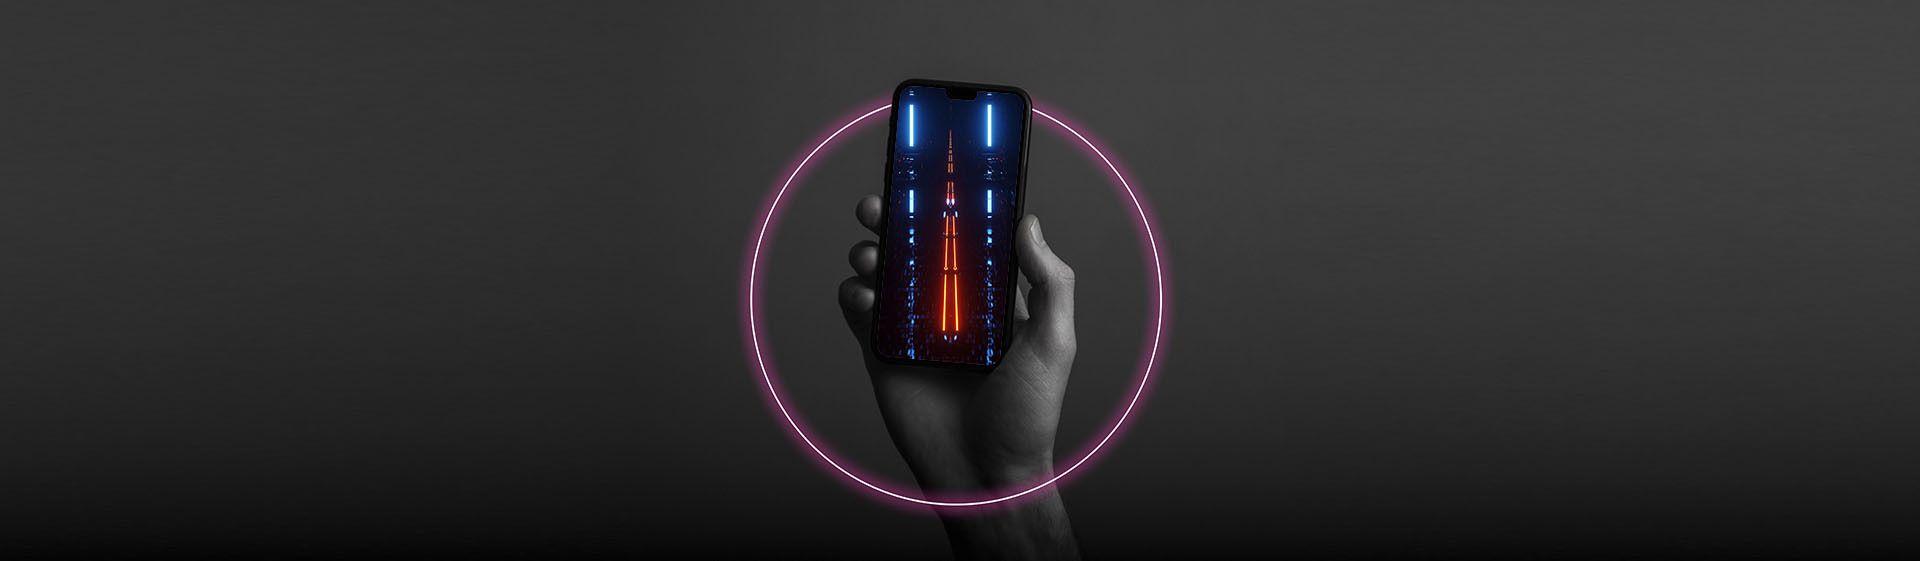 iPhone SE Plus, Galaxy Z Fold 3 e mais: lançamentos de celular em 2021